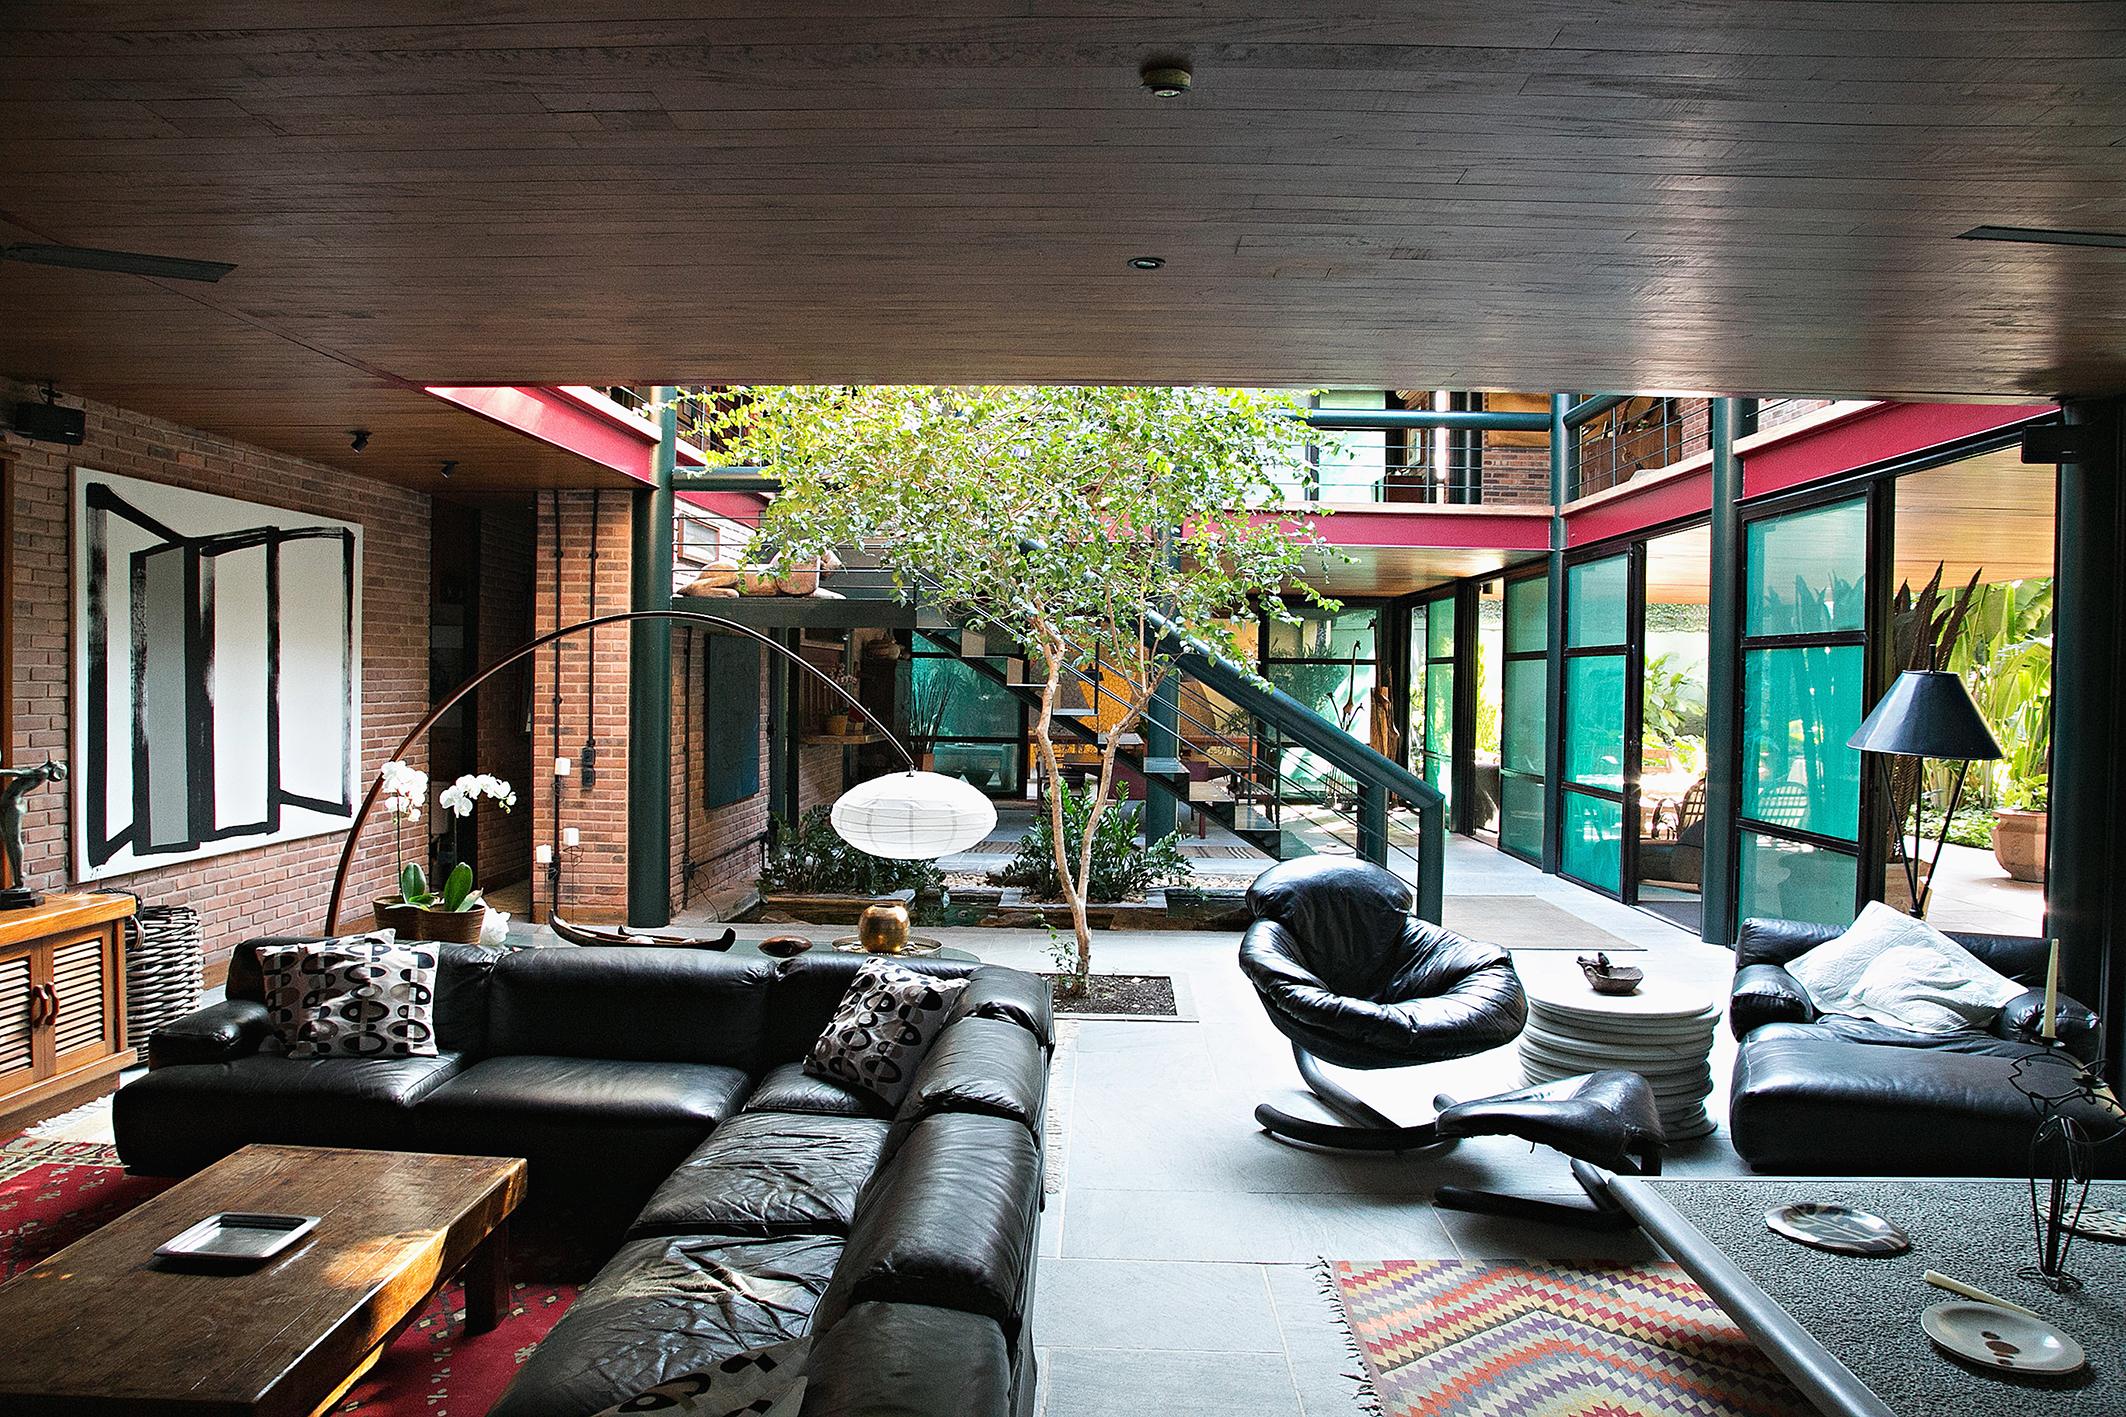 Частный односемейный дом для того Продажа на Renowned design Rua Senador Generoso Ponce Rio De Janeiro, Рио-Де-Жанейро, 22611110 Бразилия